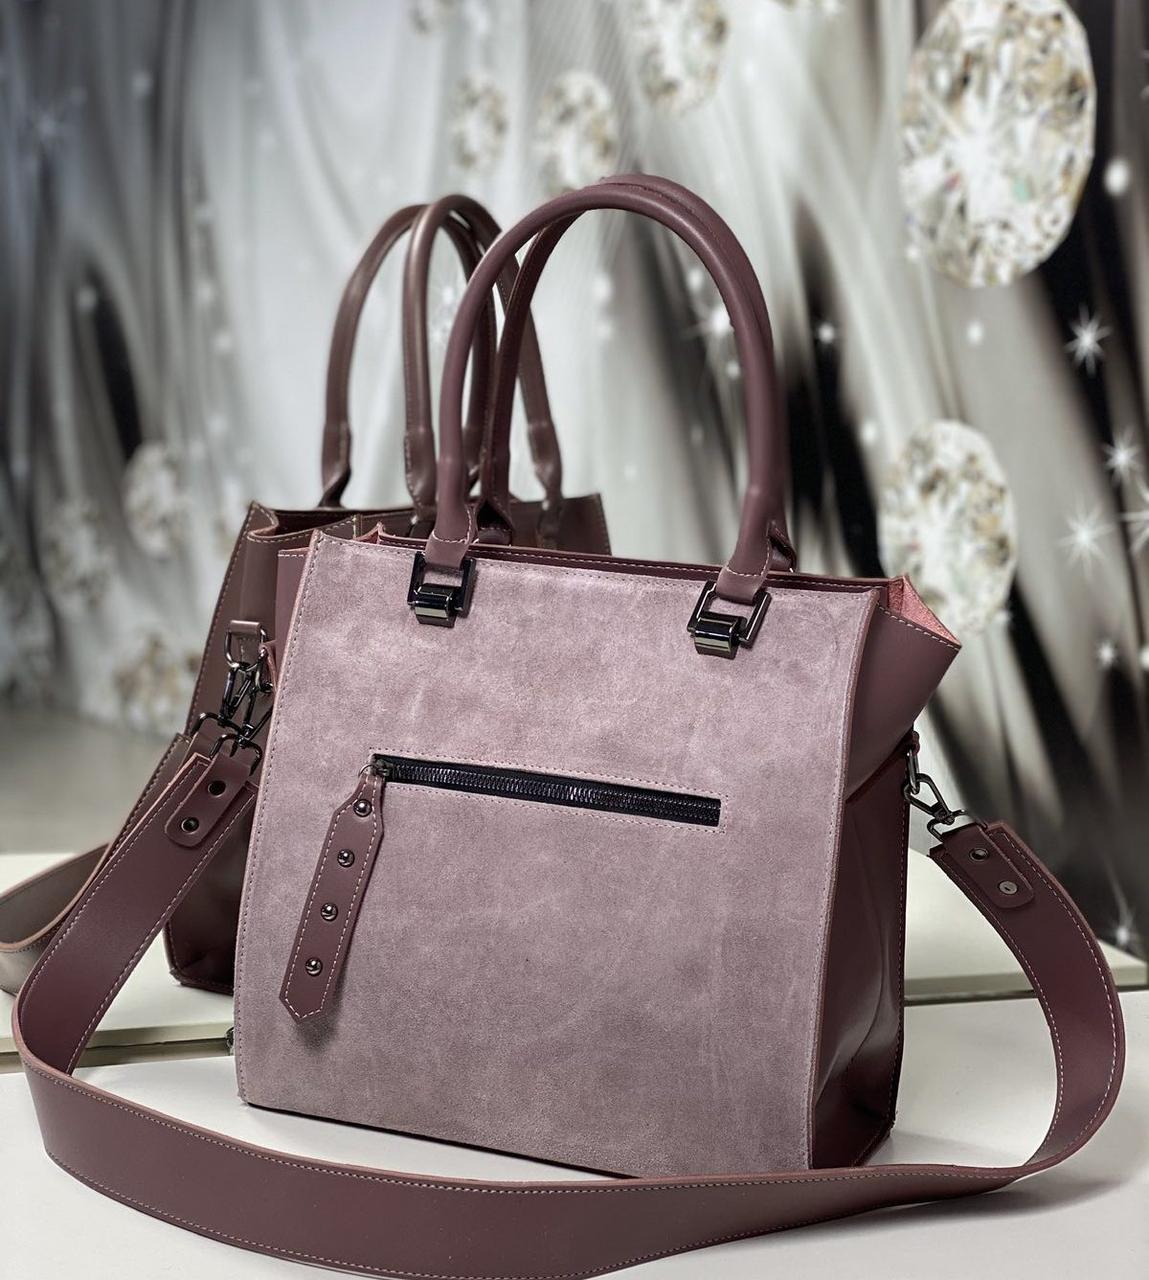 Замшевая женская сумка комбинированная модная небольшая квадратная стильная темная пудра замша+экокожа